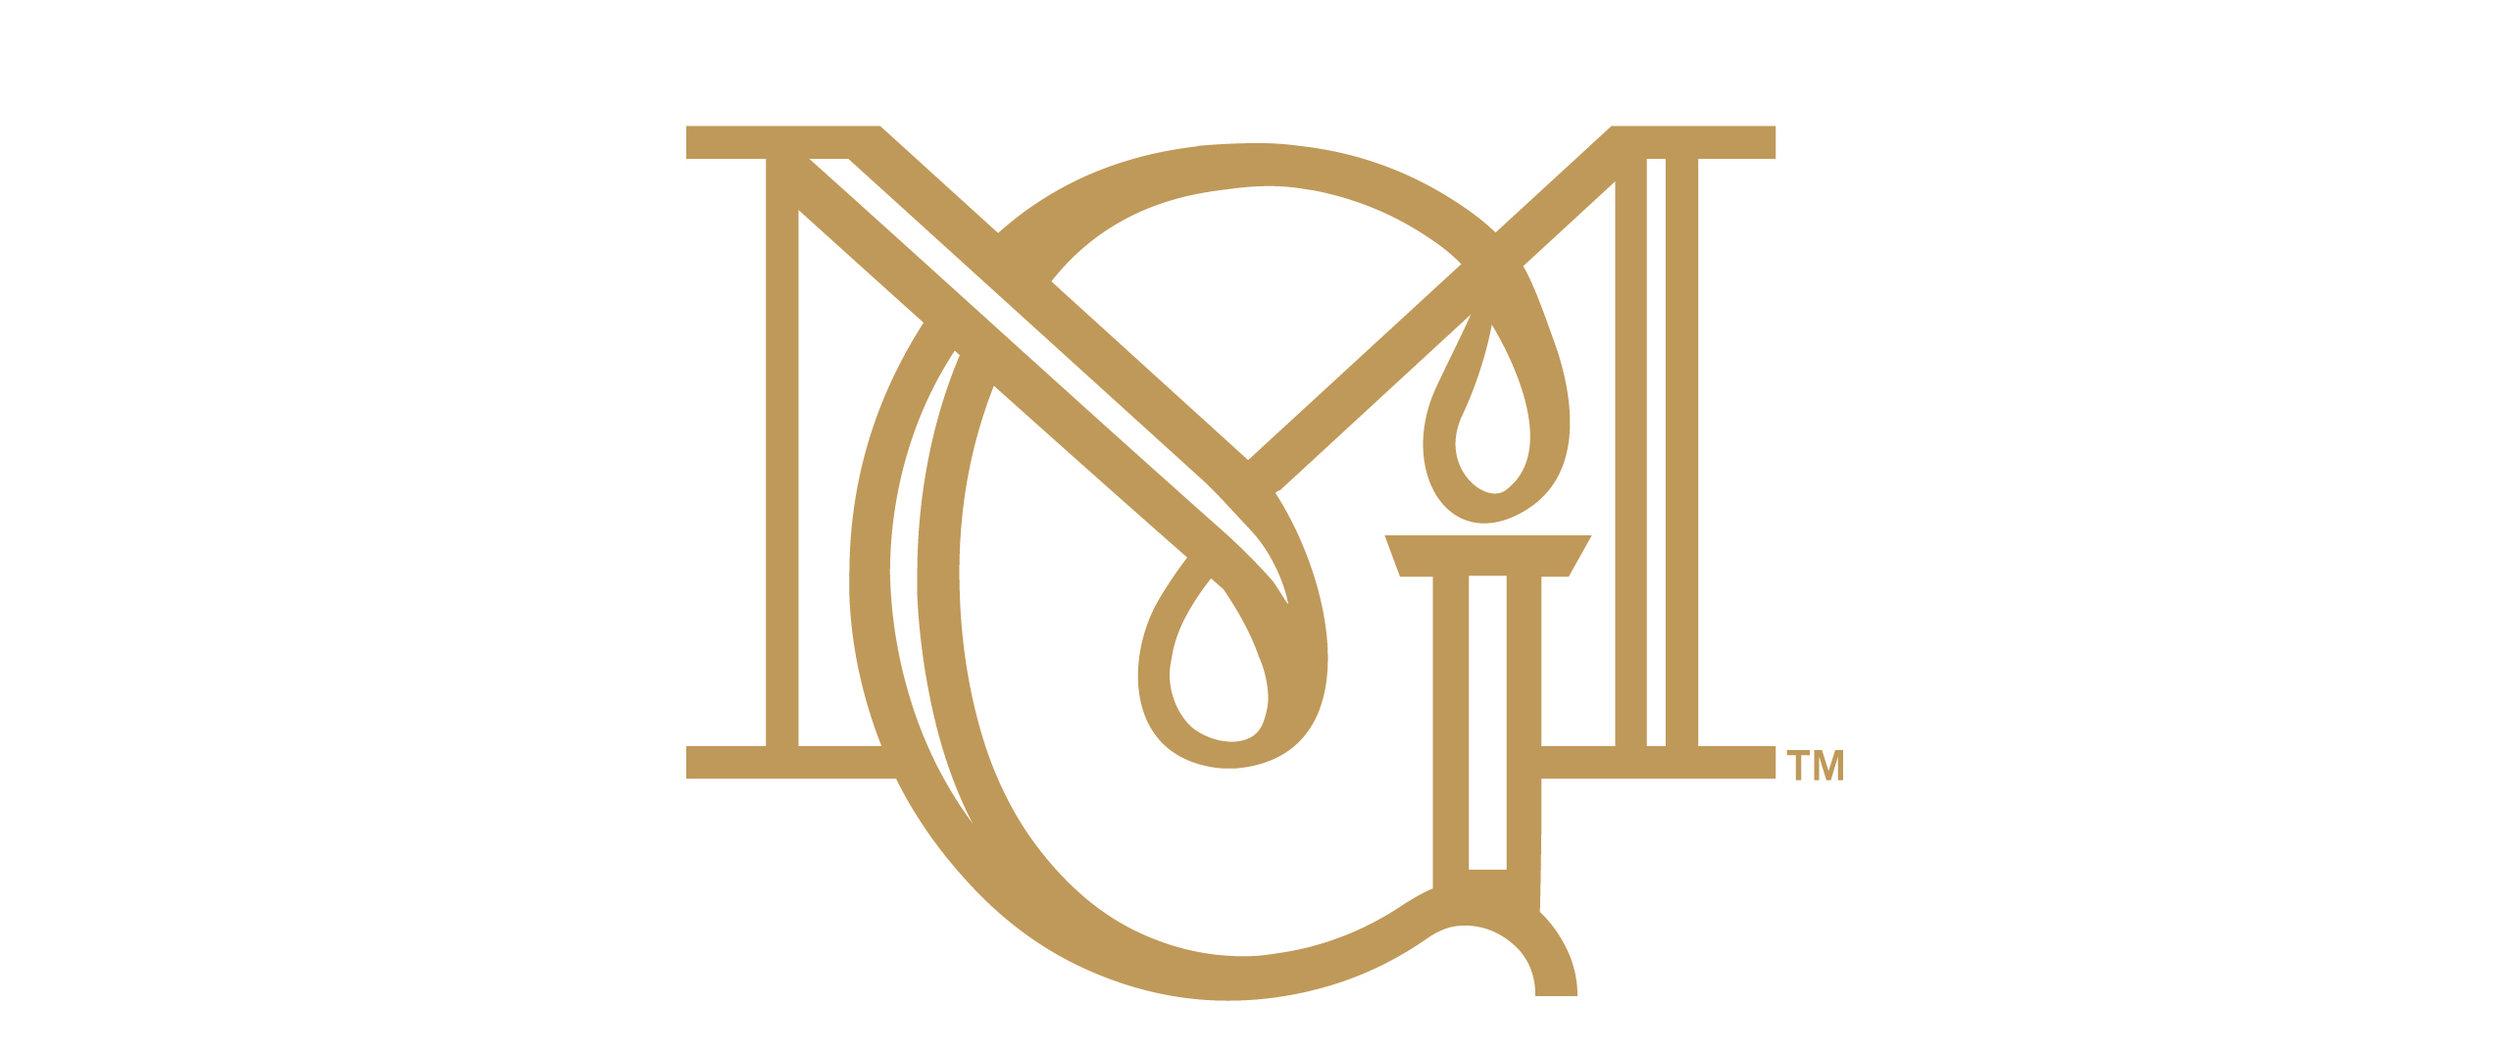 gm_logo-07.jpg